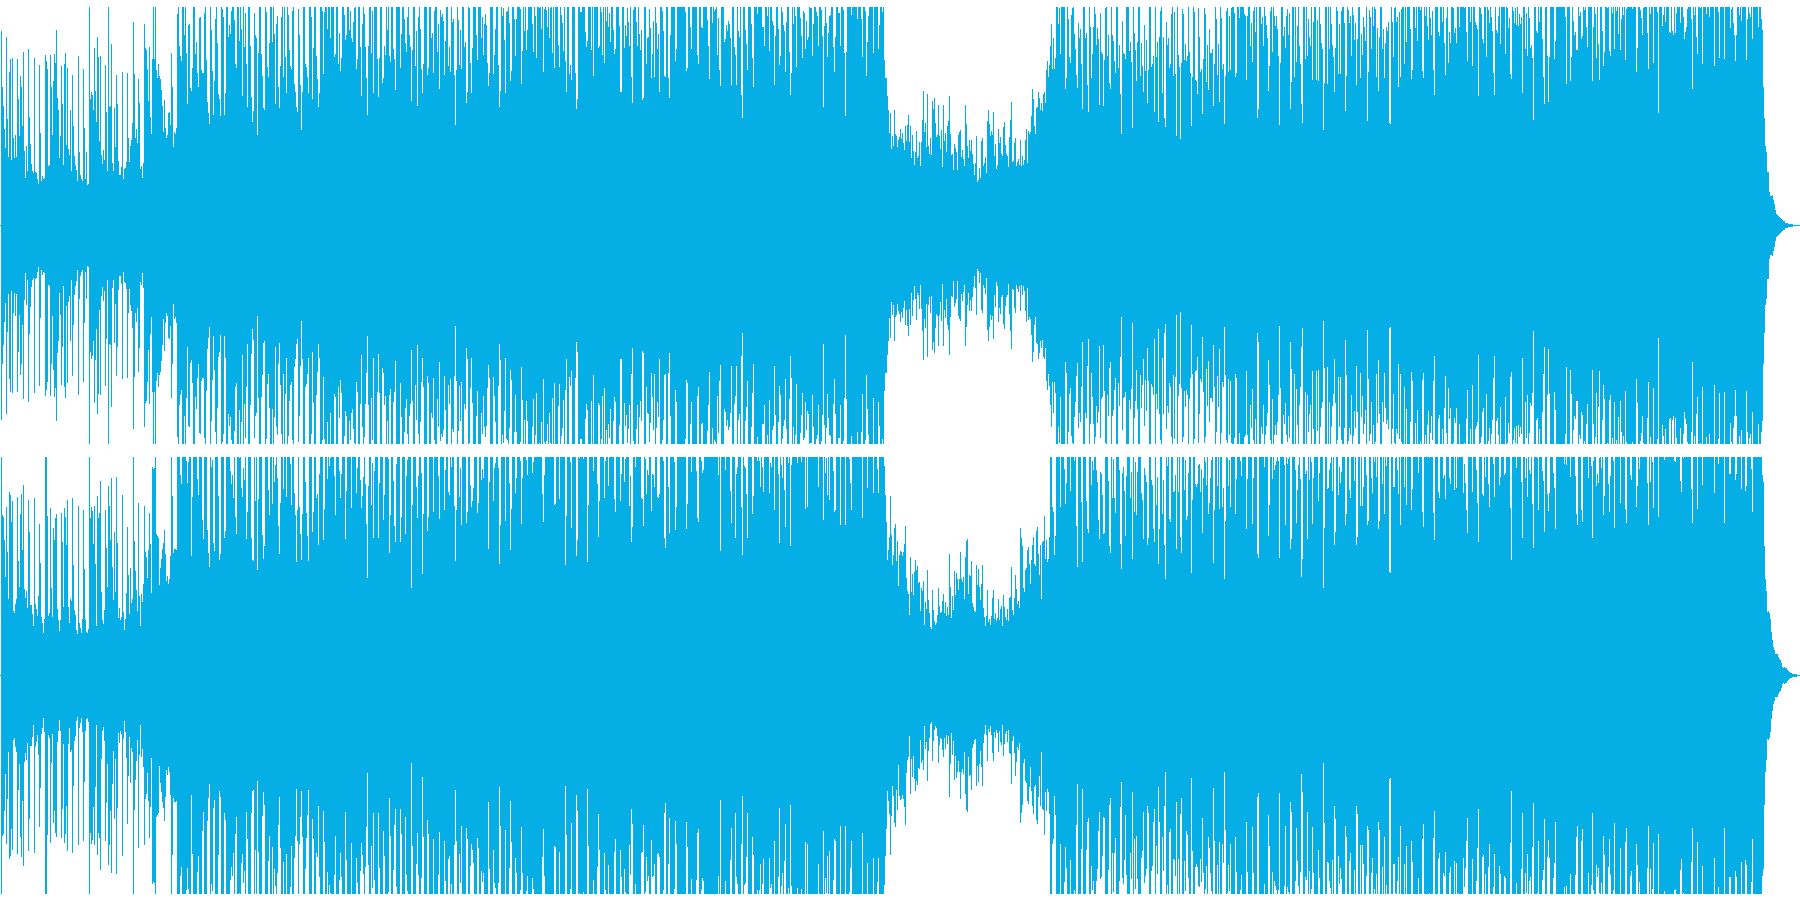 エネルギッシュで未来的なデジタルサウンドの再生済みの波形